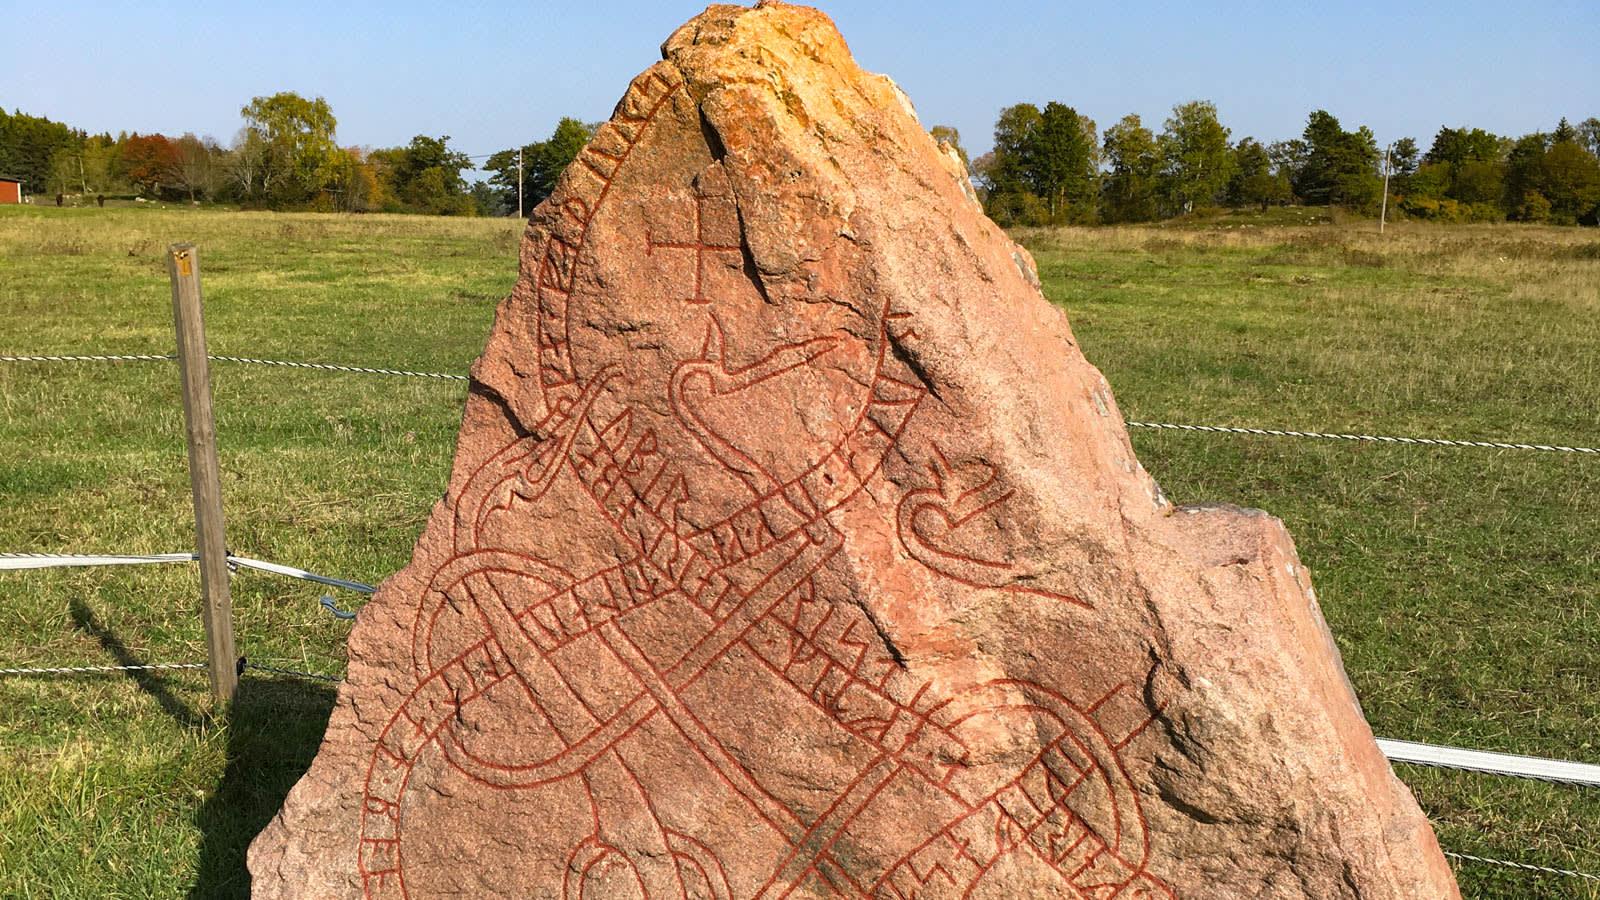 في السويد.. تفتح هذه الكتل الصخرية بوابة إلى حضارة الفايكنج القديمة وأسرارها